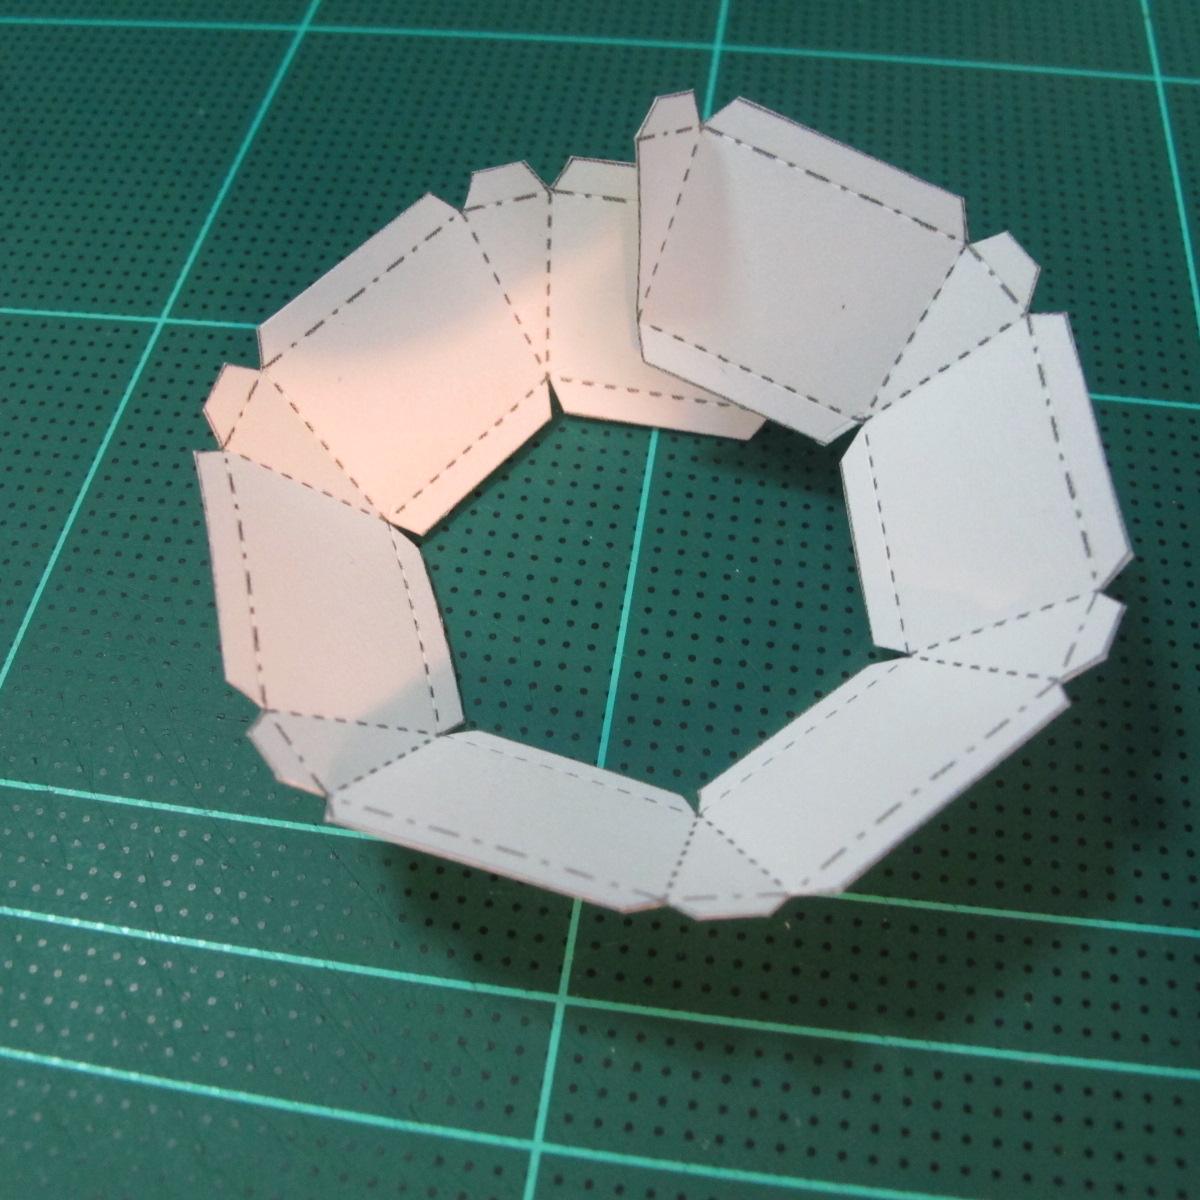 วิธีทำของเล่นโมเดลกระดาษรูปพระอาทิตย์ยิ้ม (Smiling Sun Paper Craft Model) 006